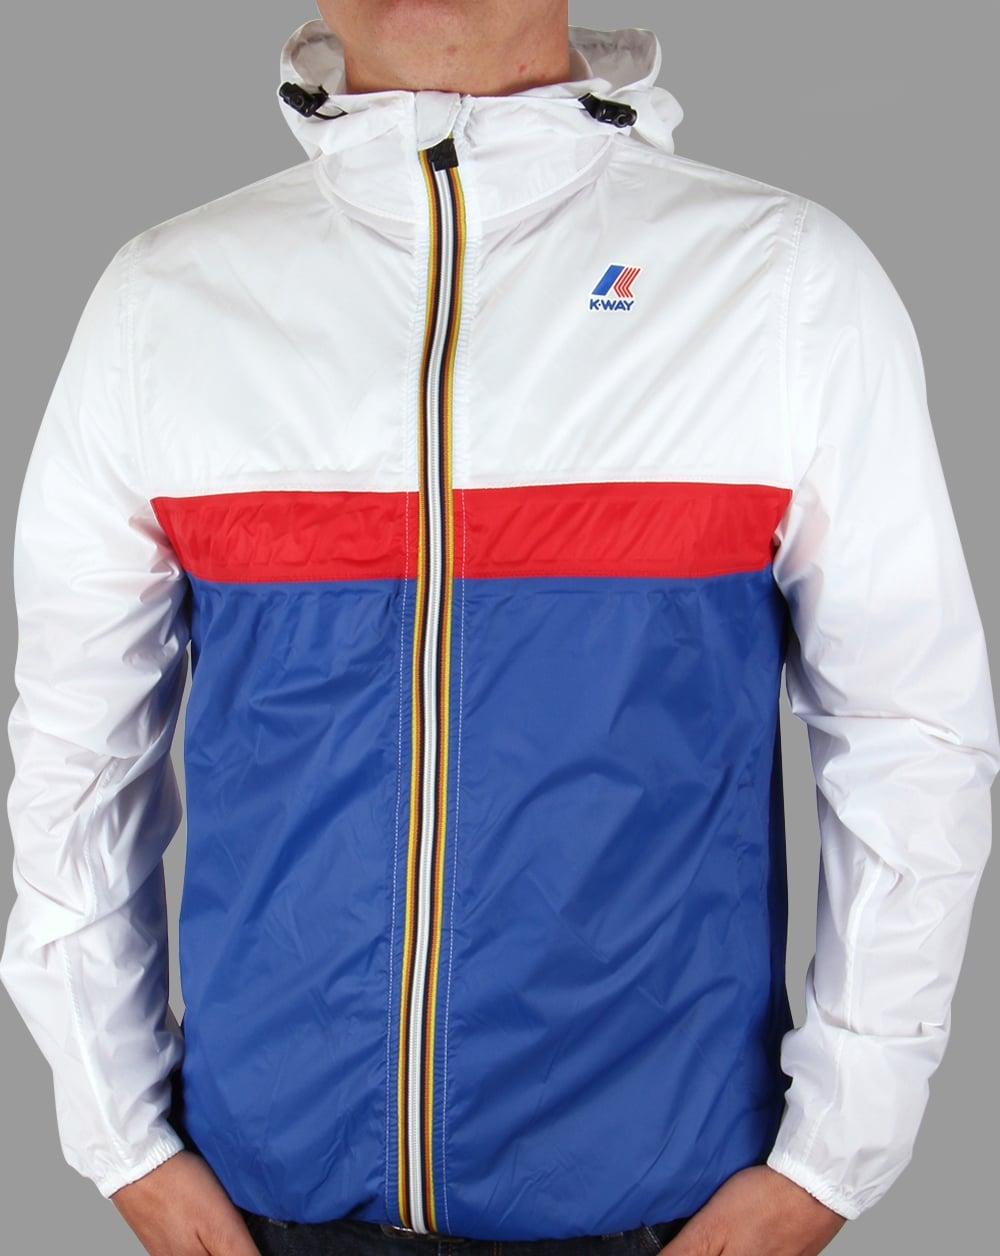 K Way Claude 3 0 Colour Block Jacket White Blue